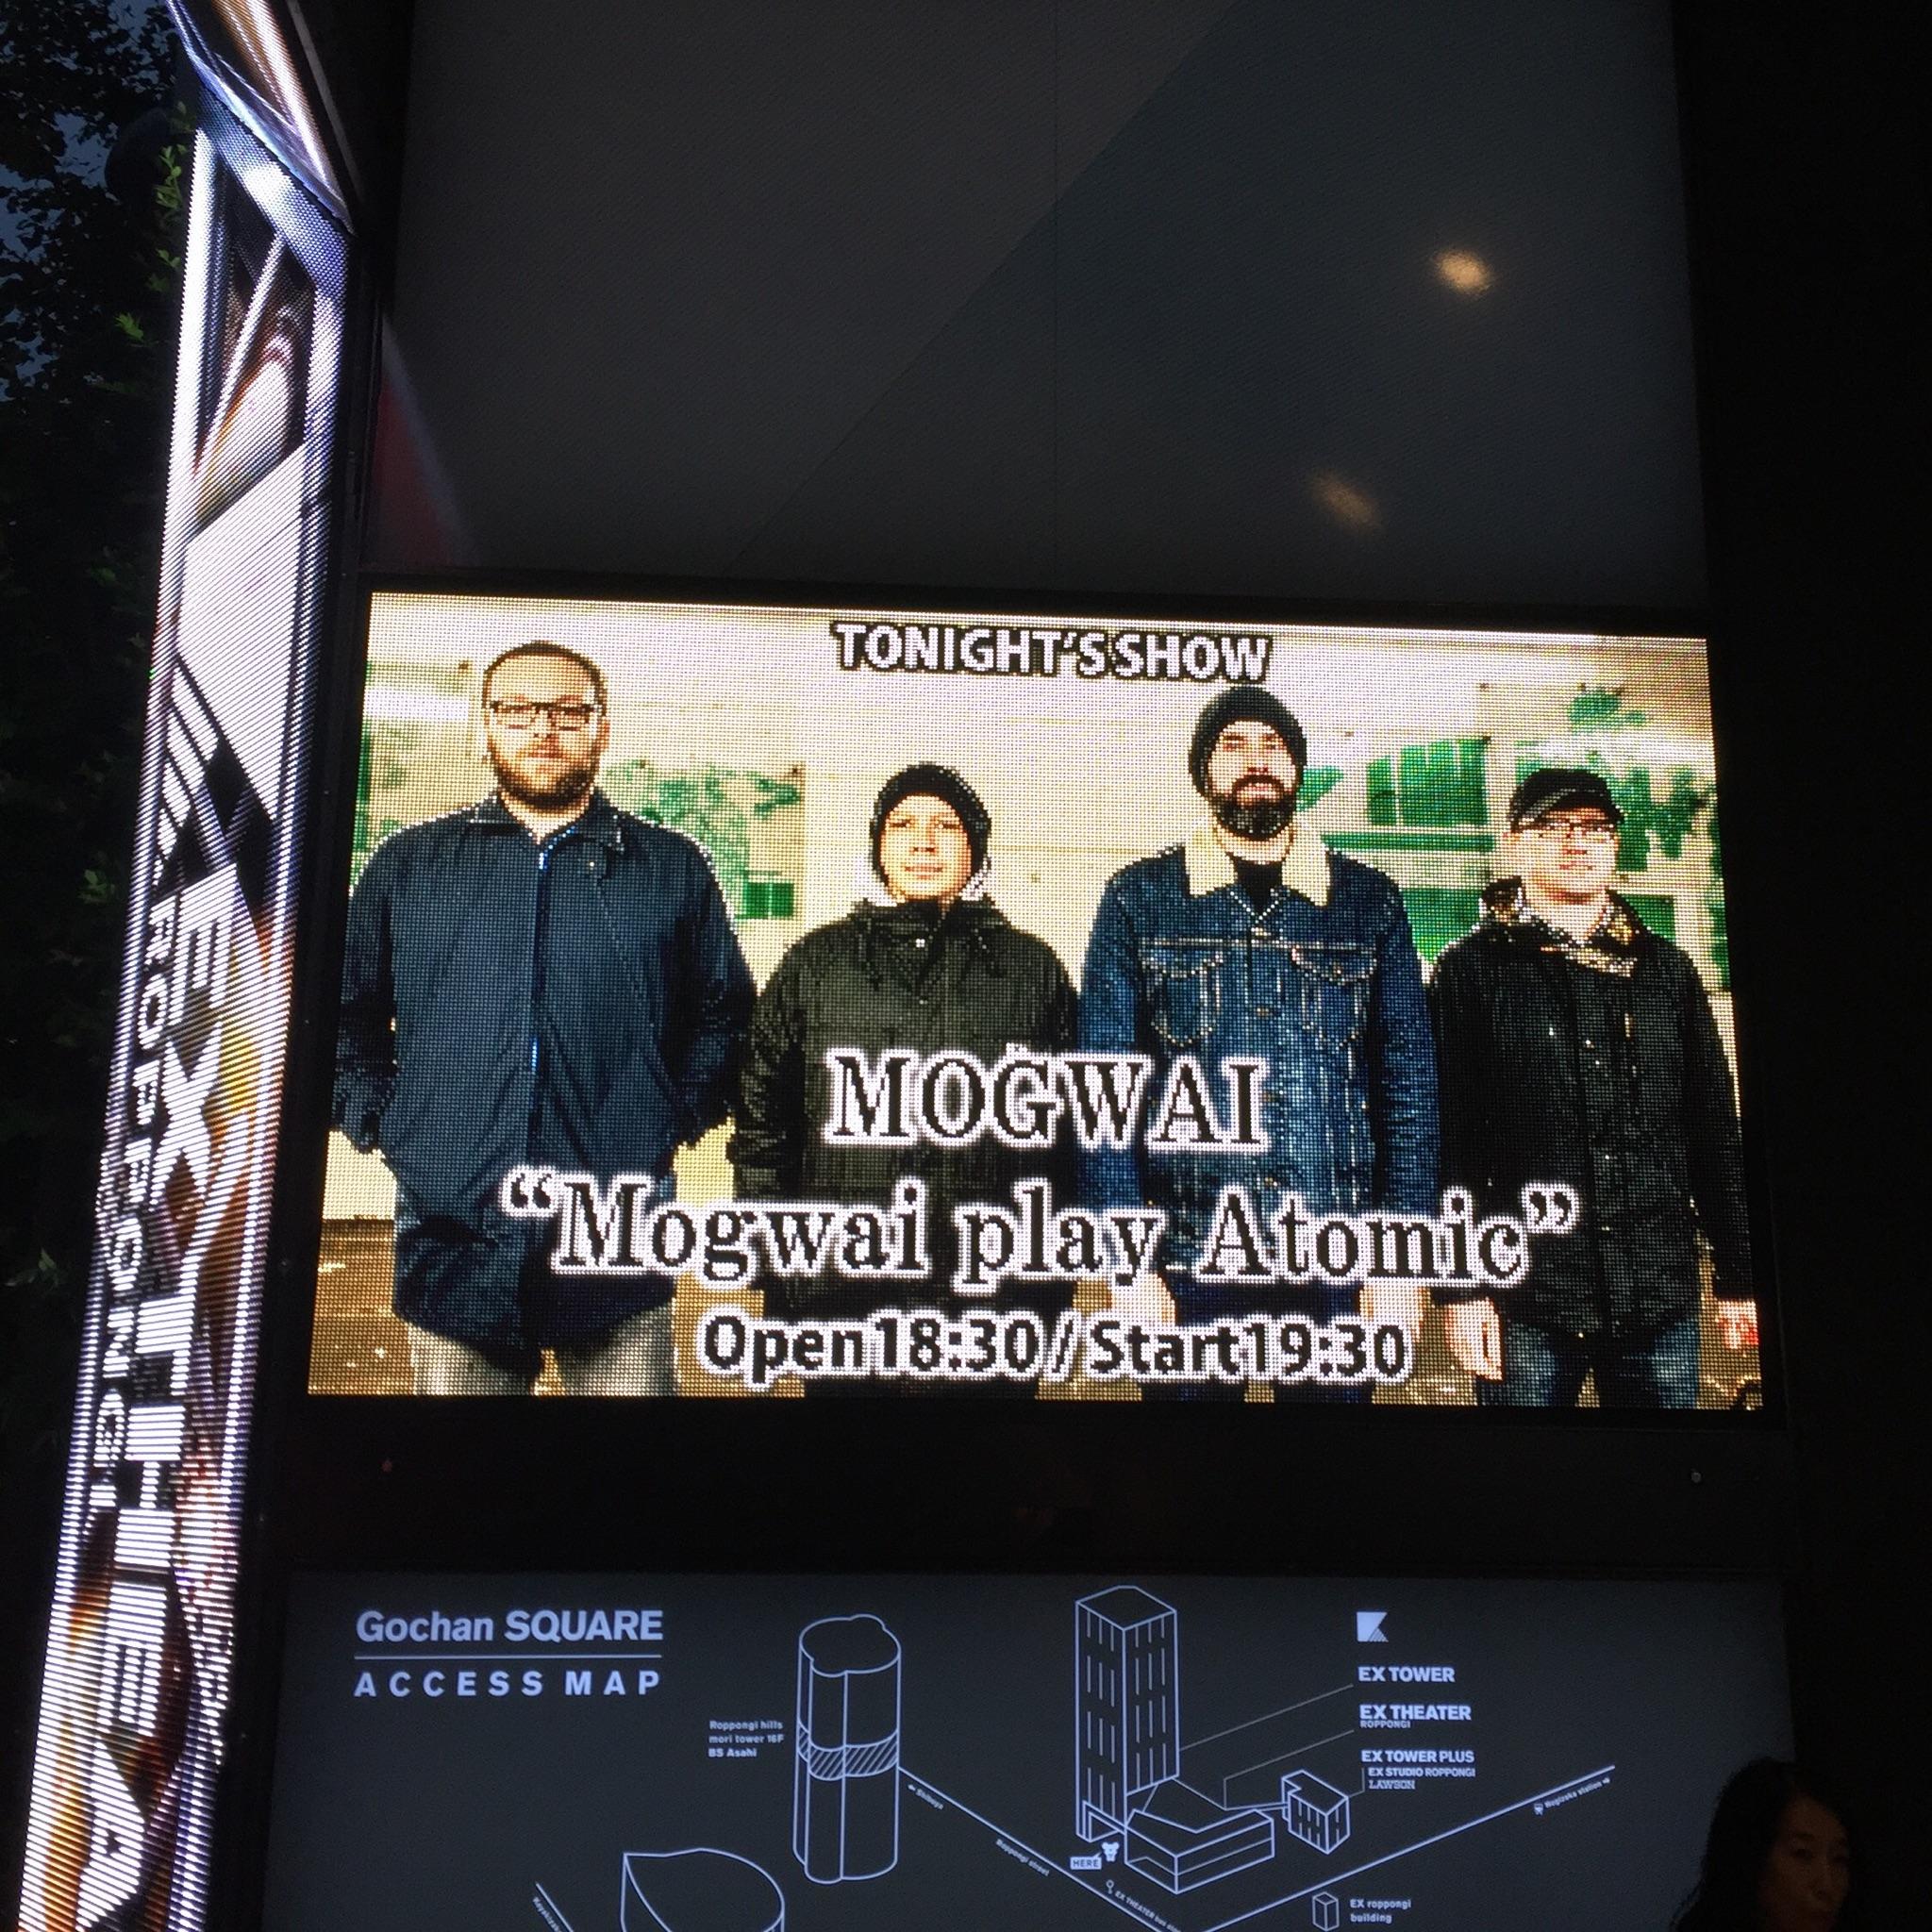 Mogwai play Atomic